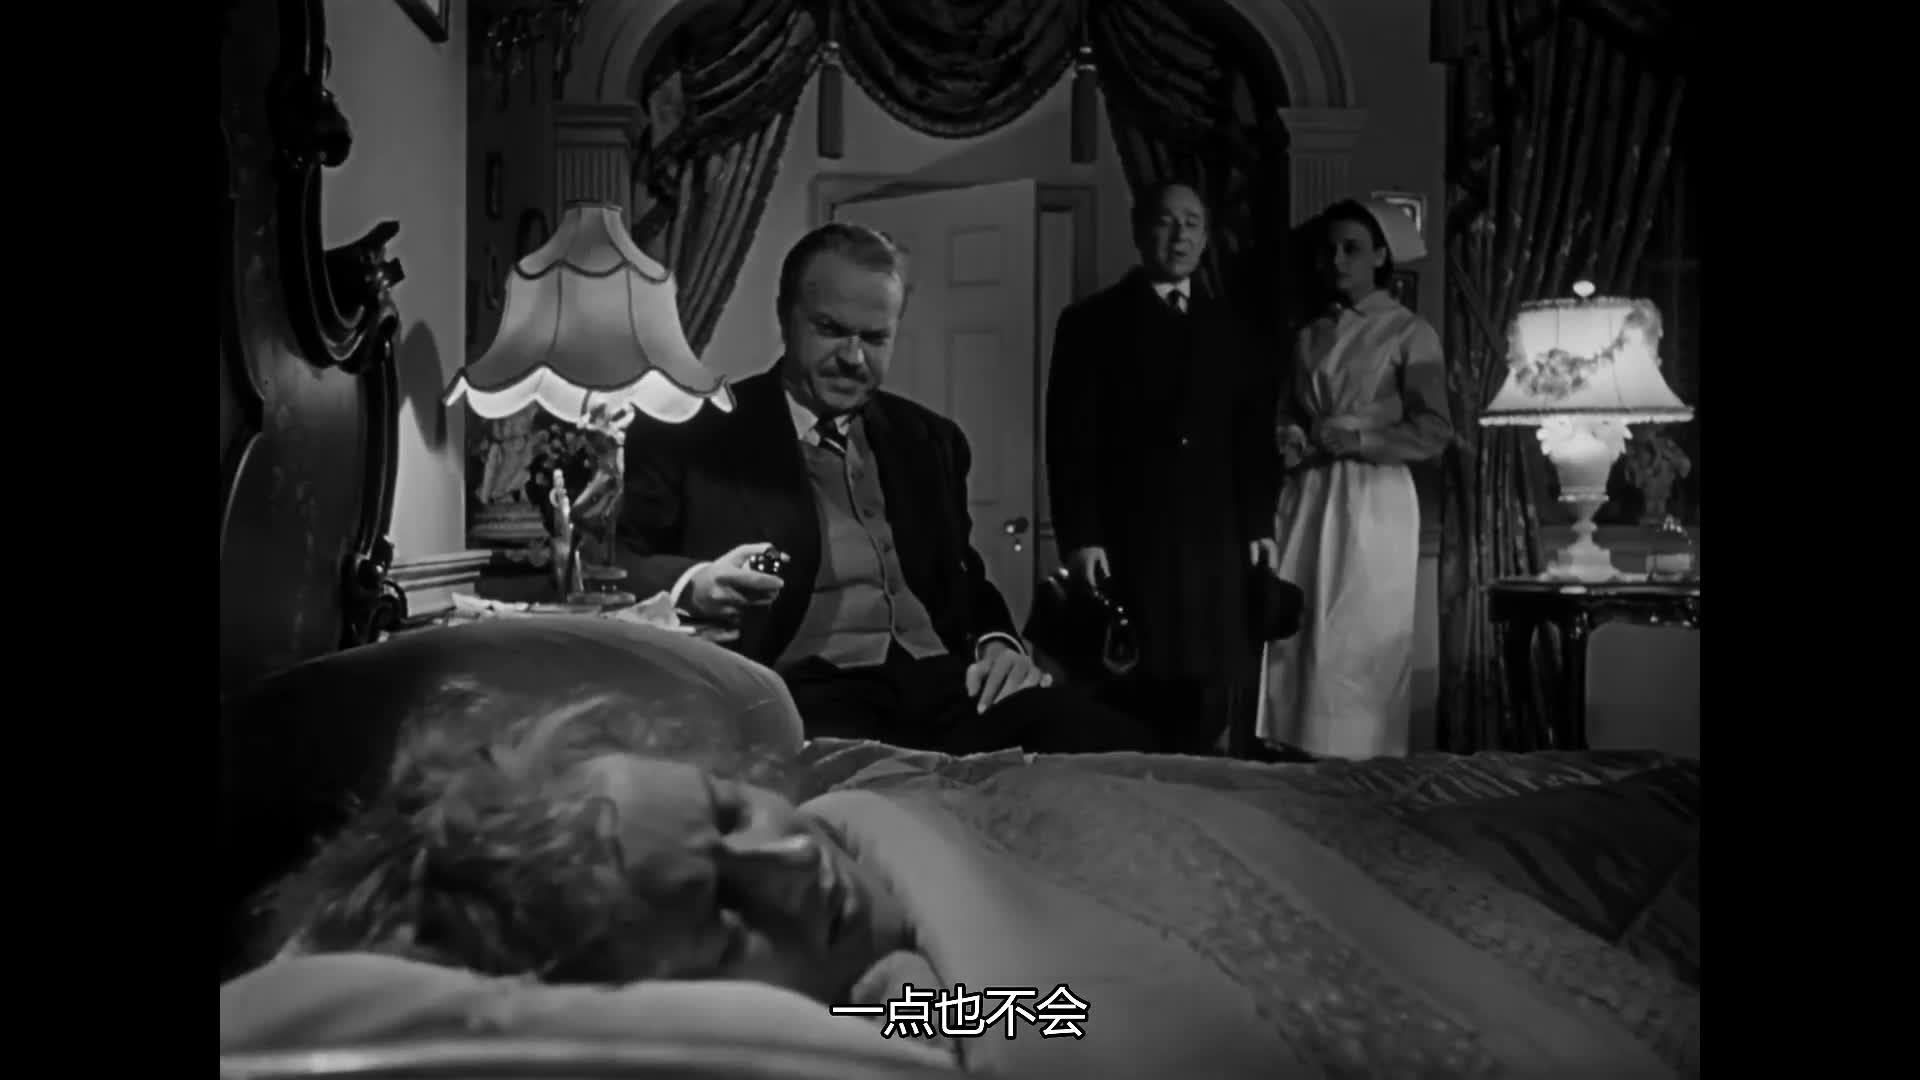 男子守护妻子入睡,可为何眼神凶狠,会发生什么